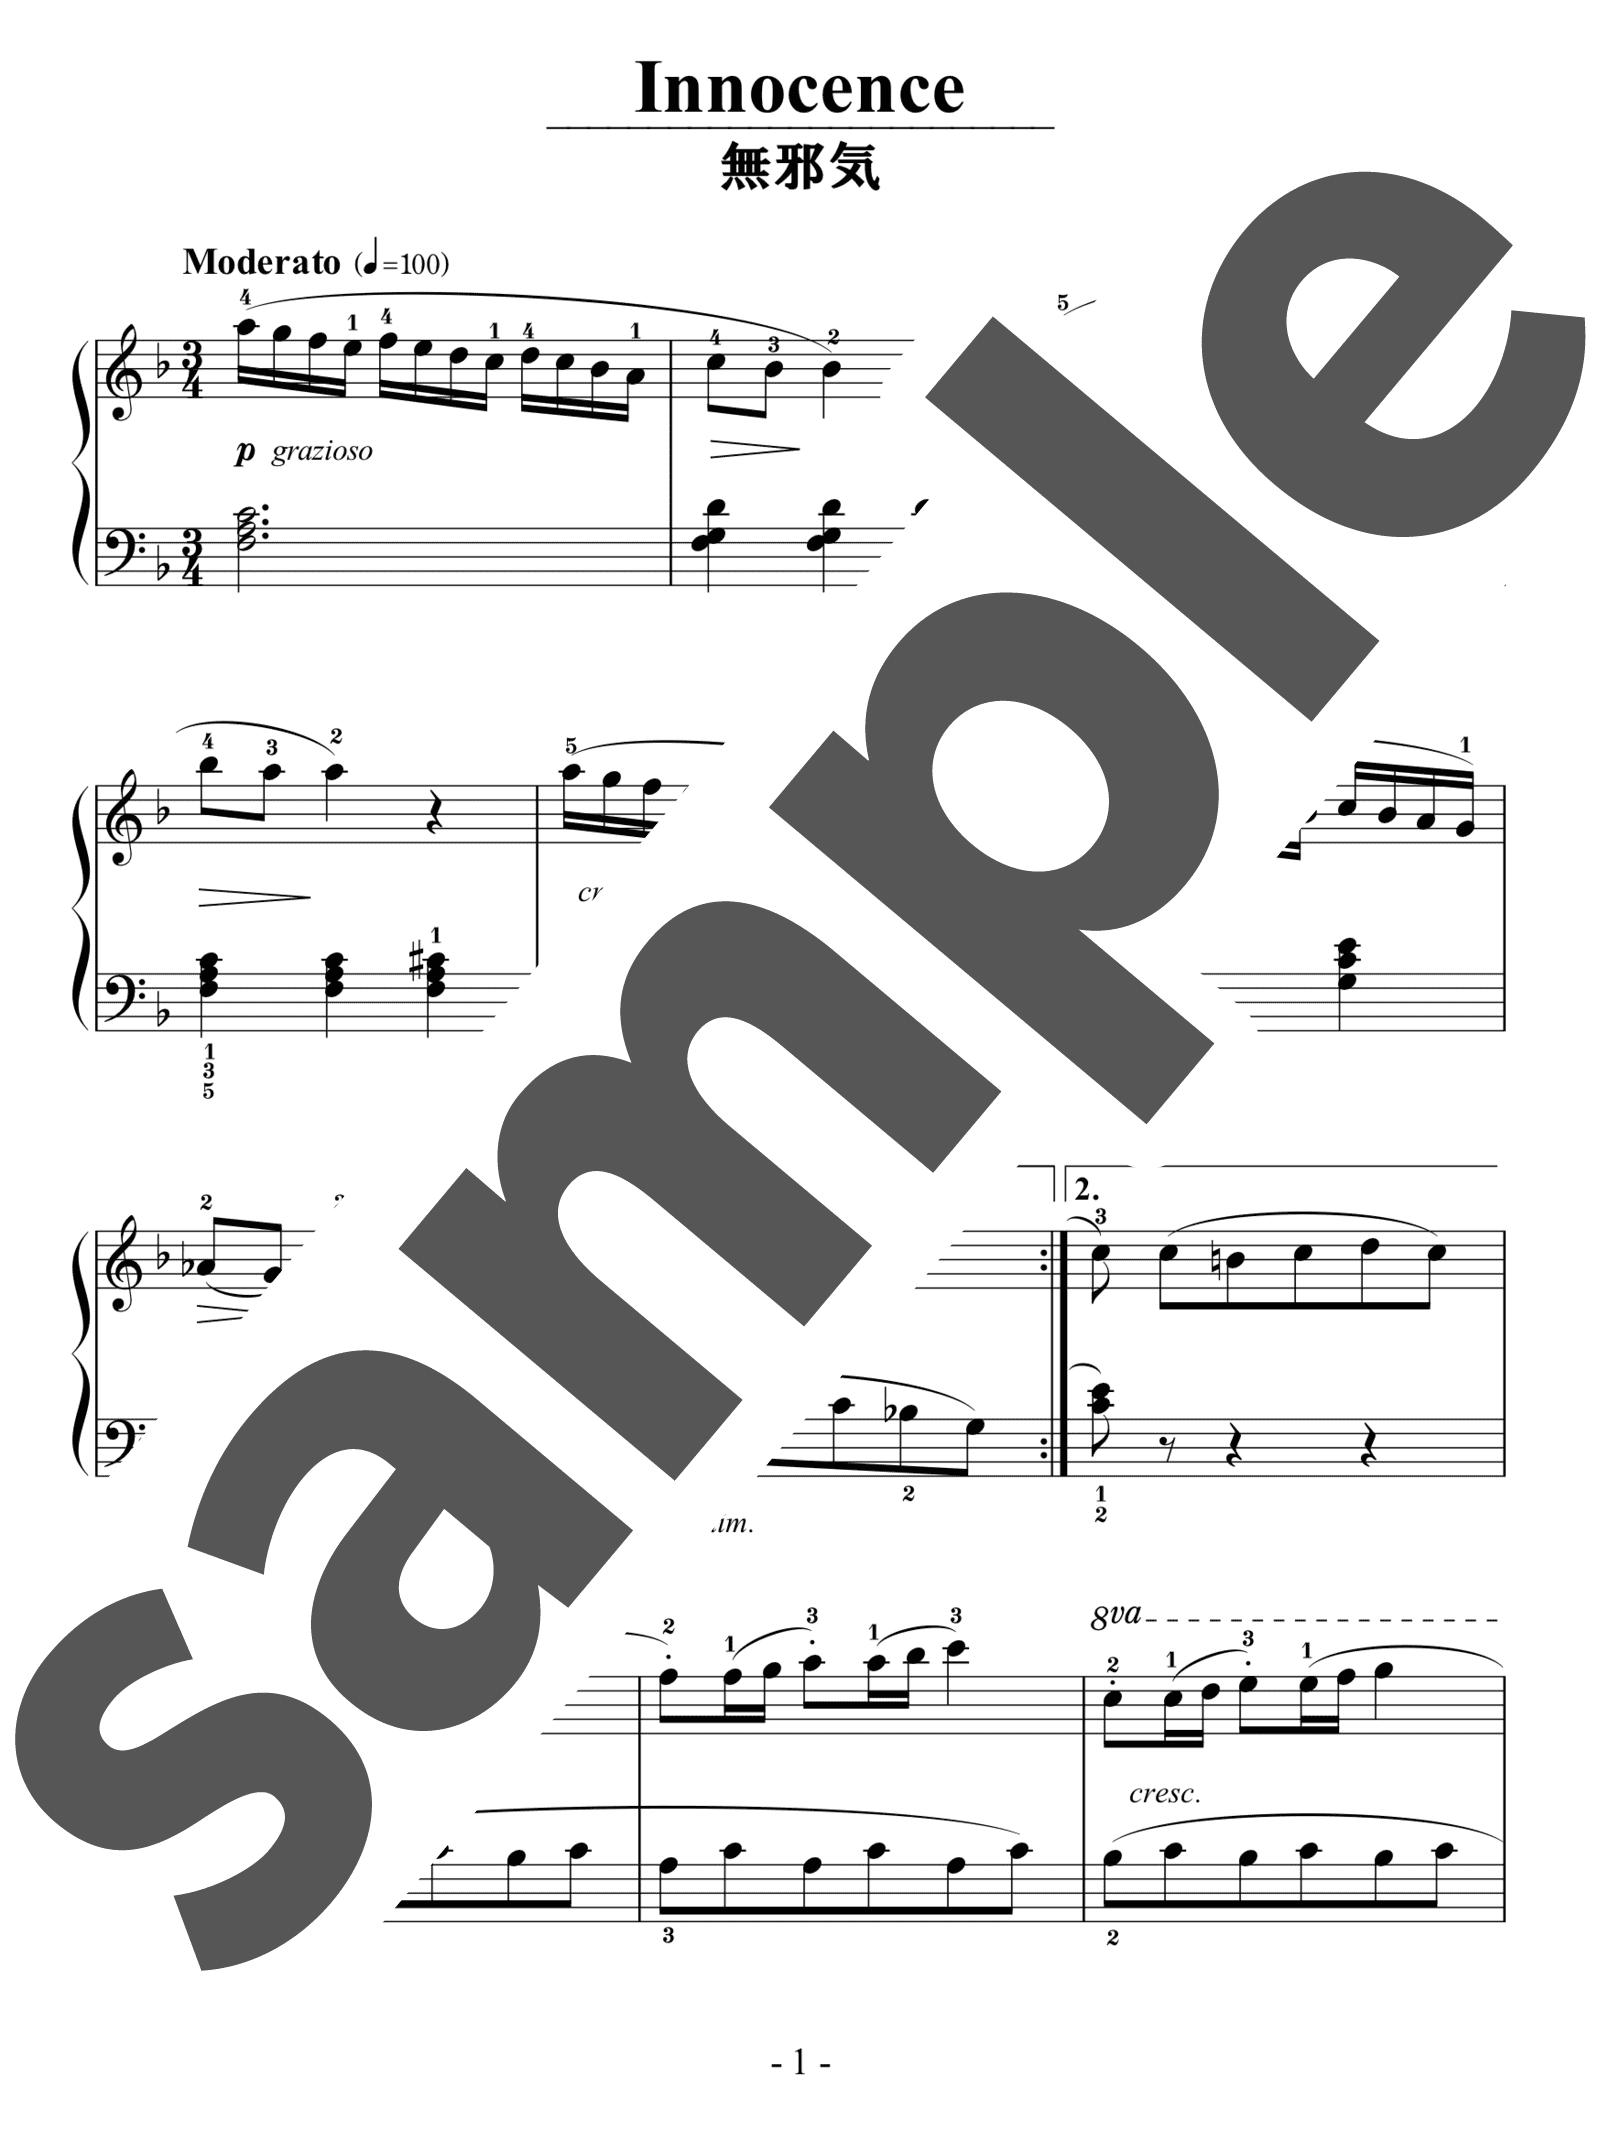 「無邪気」のサンプル楽譜